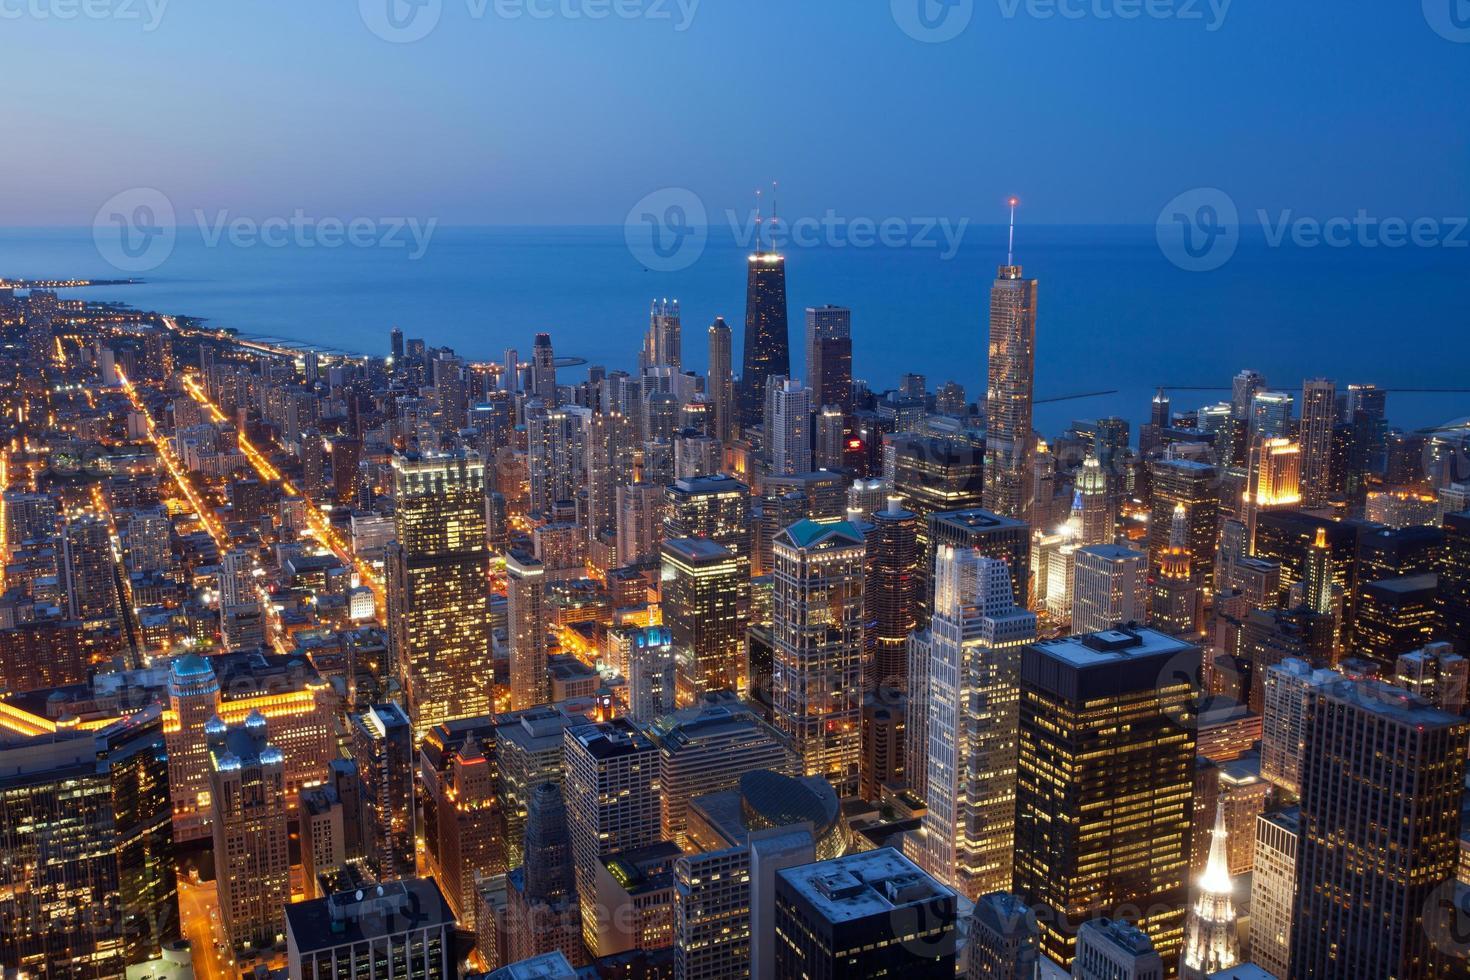 ciudad de chicago. foto